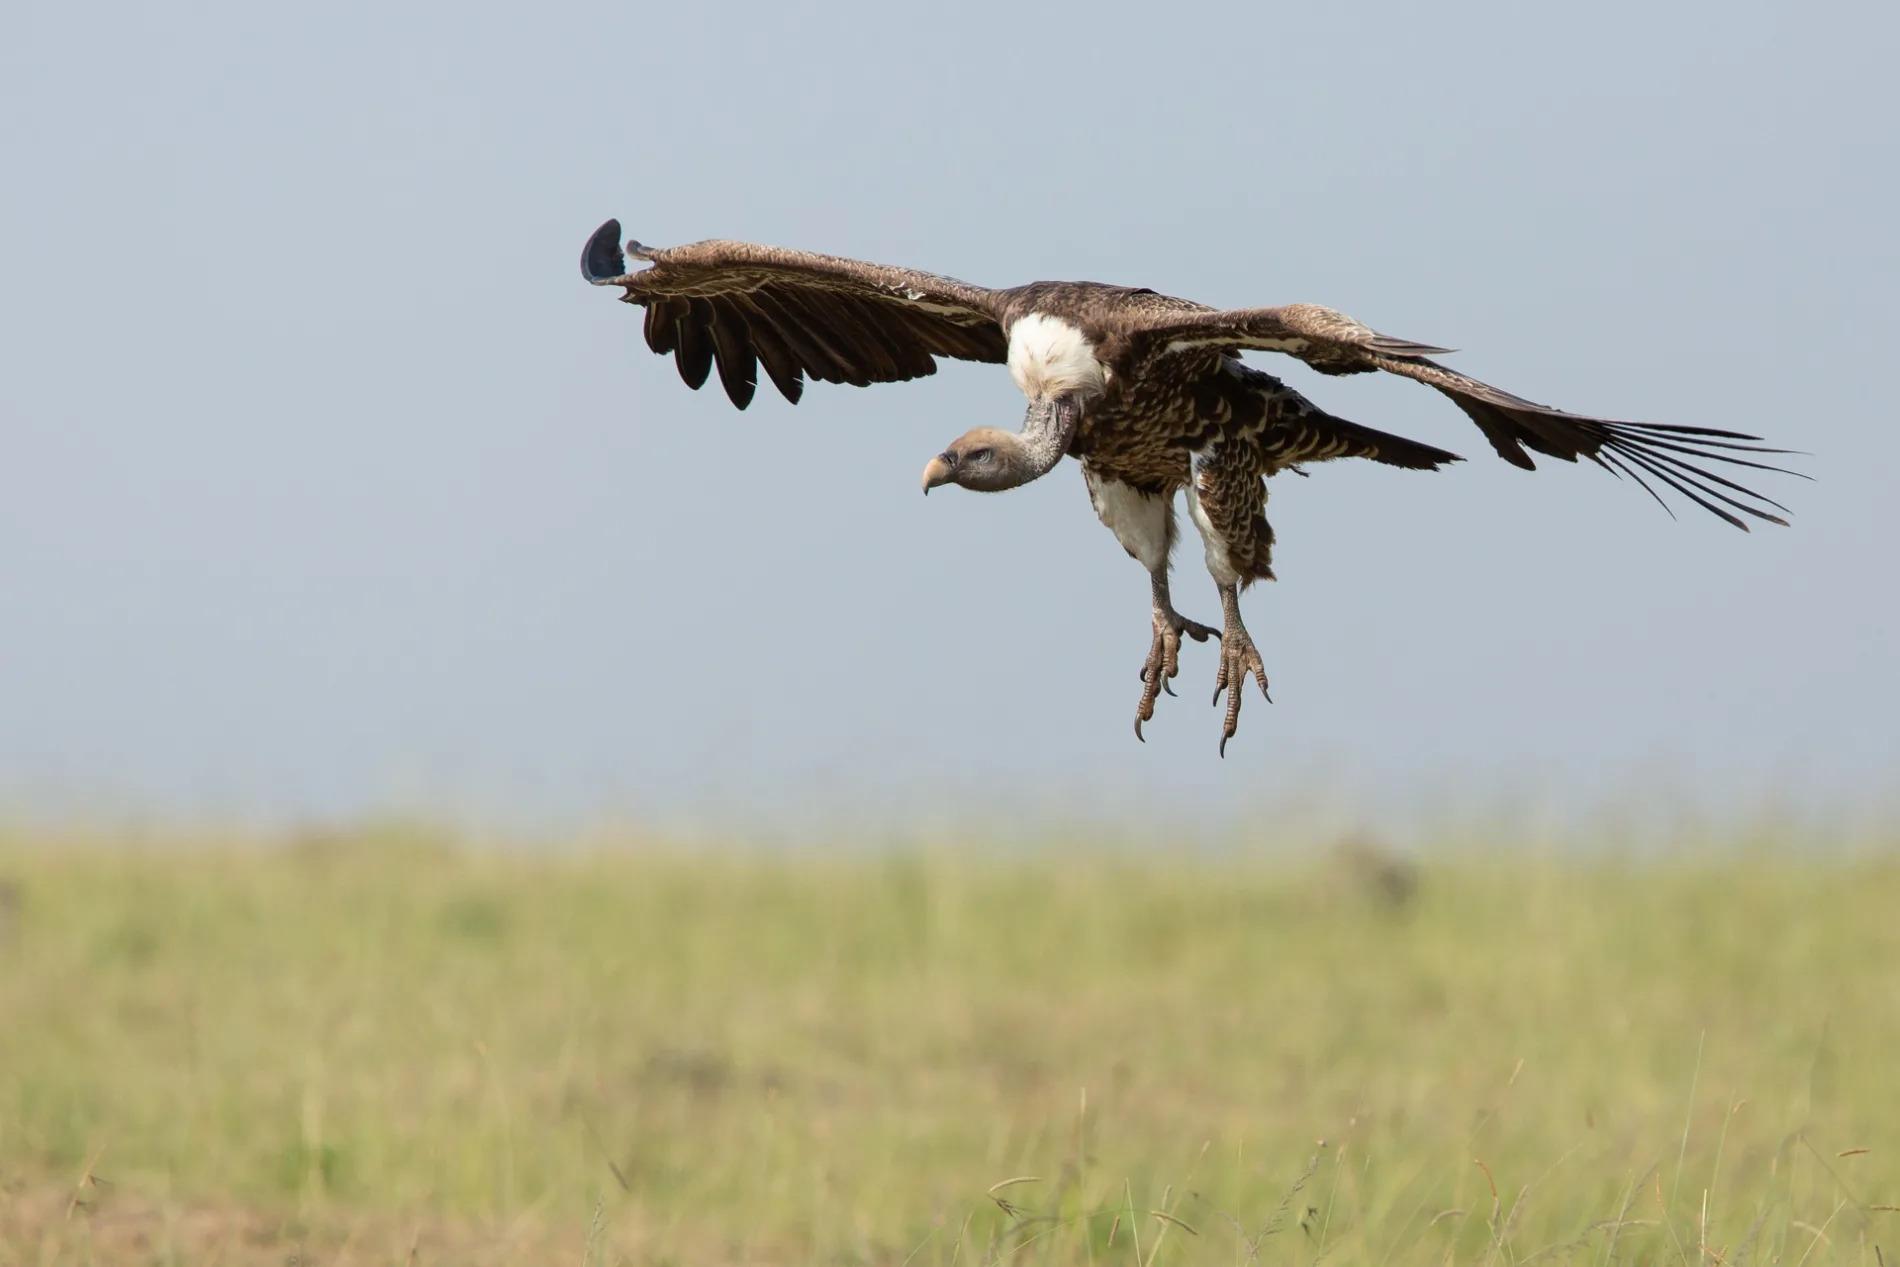 Vulture feet landing